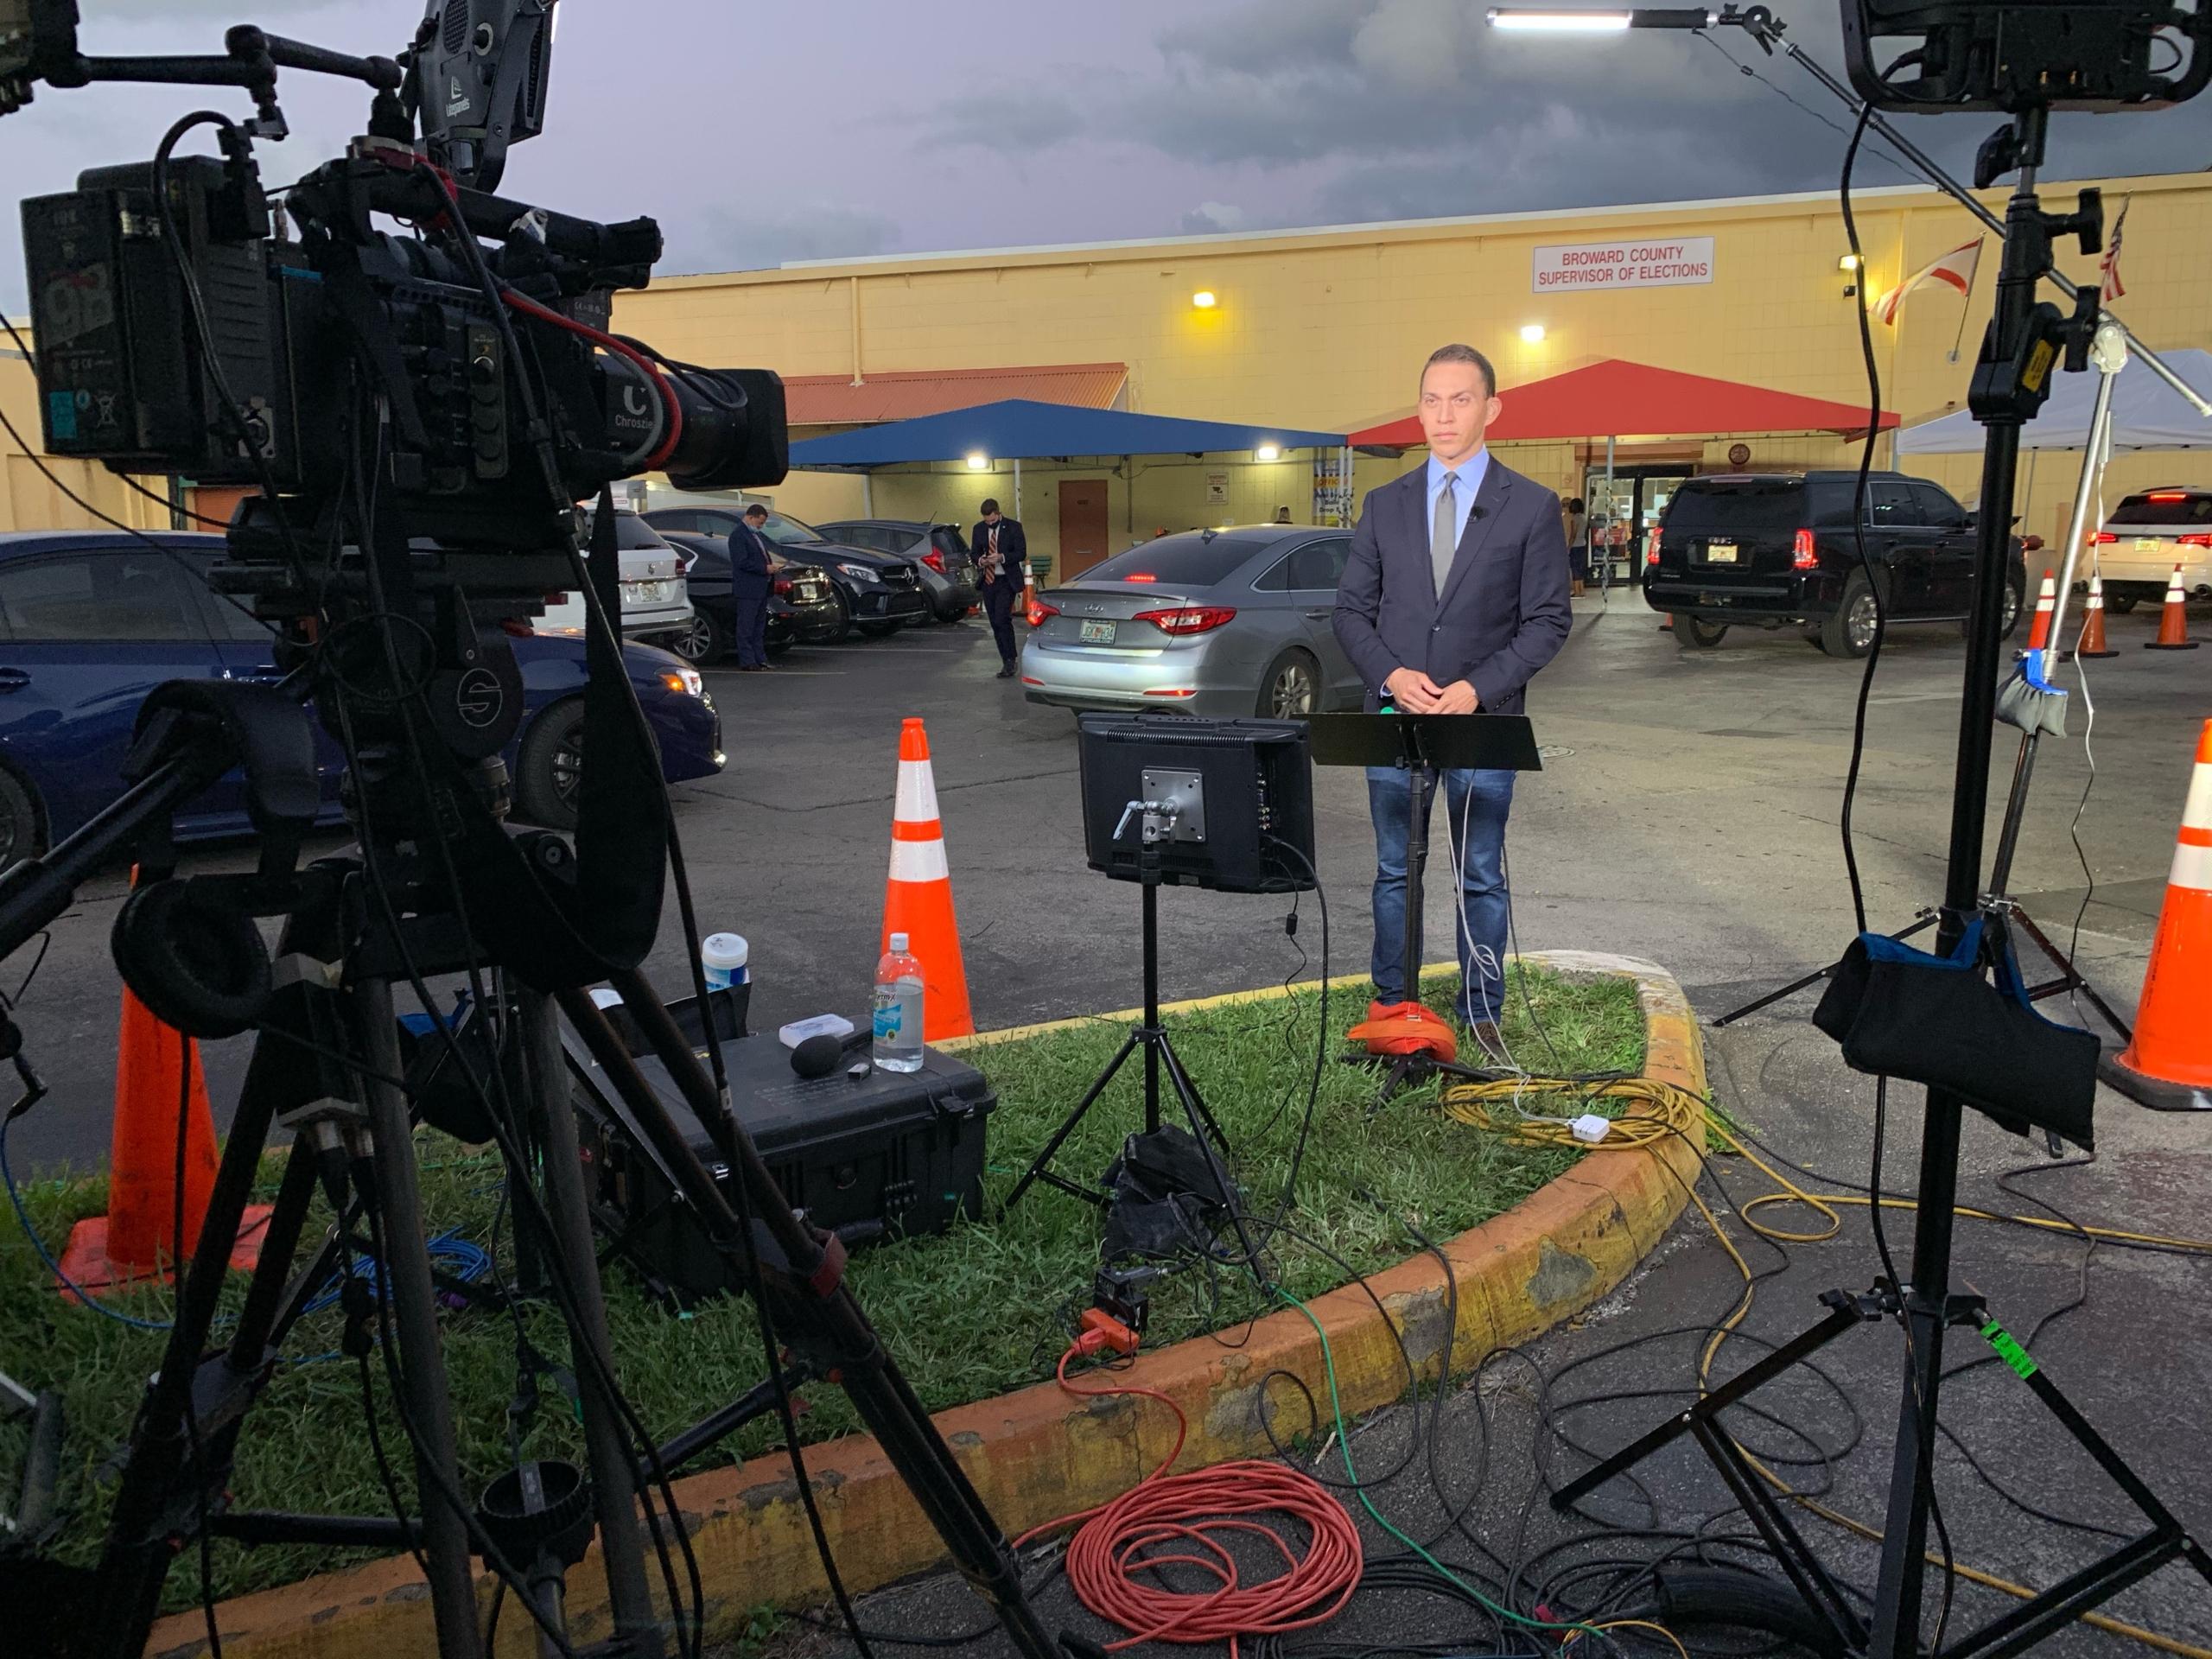 CBS NEWS LIVE SHOT